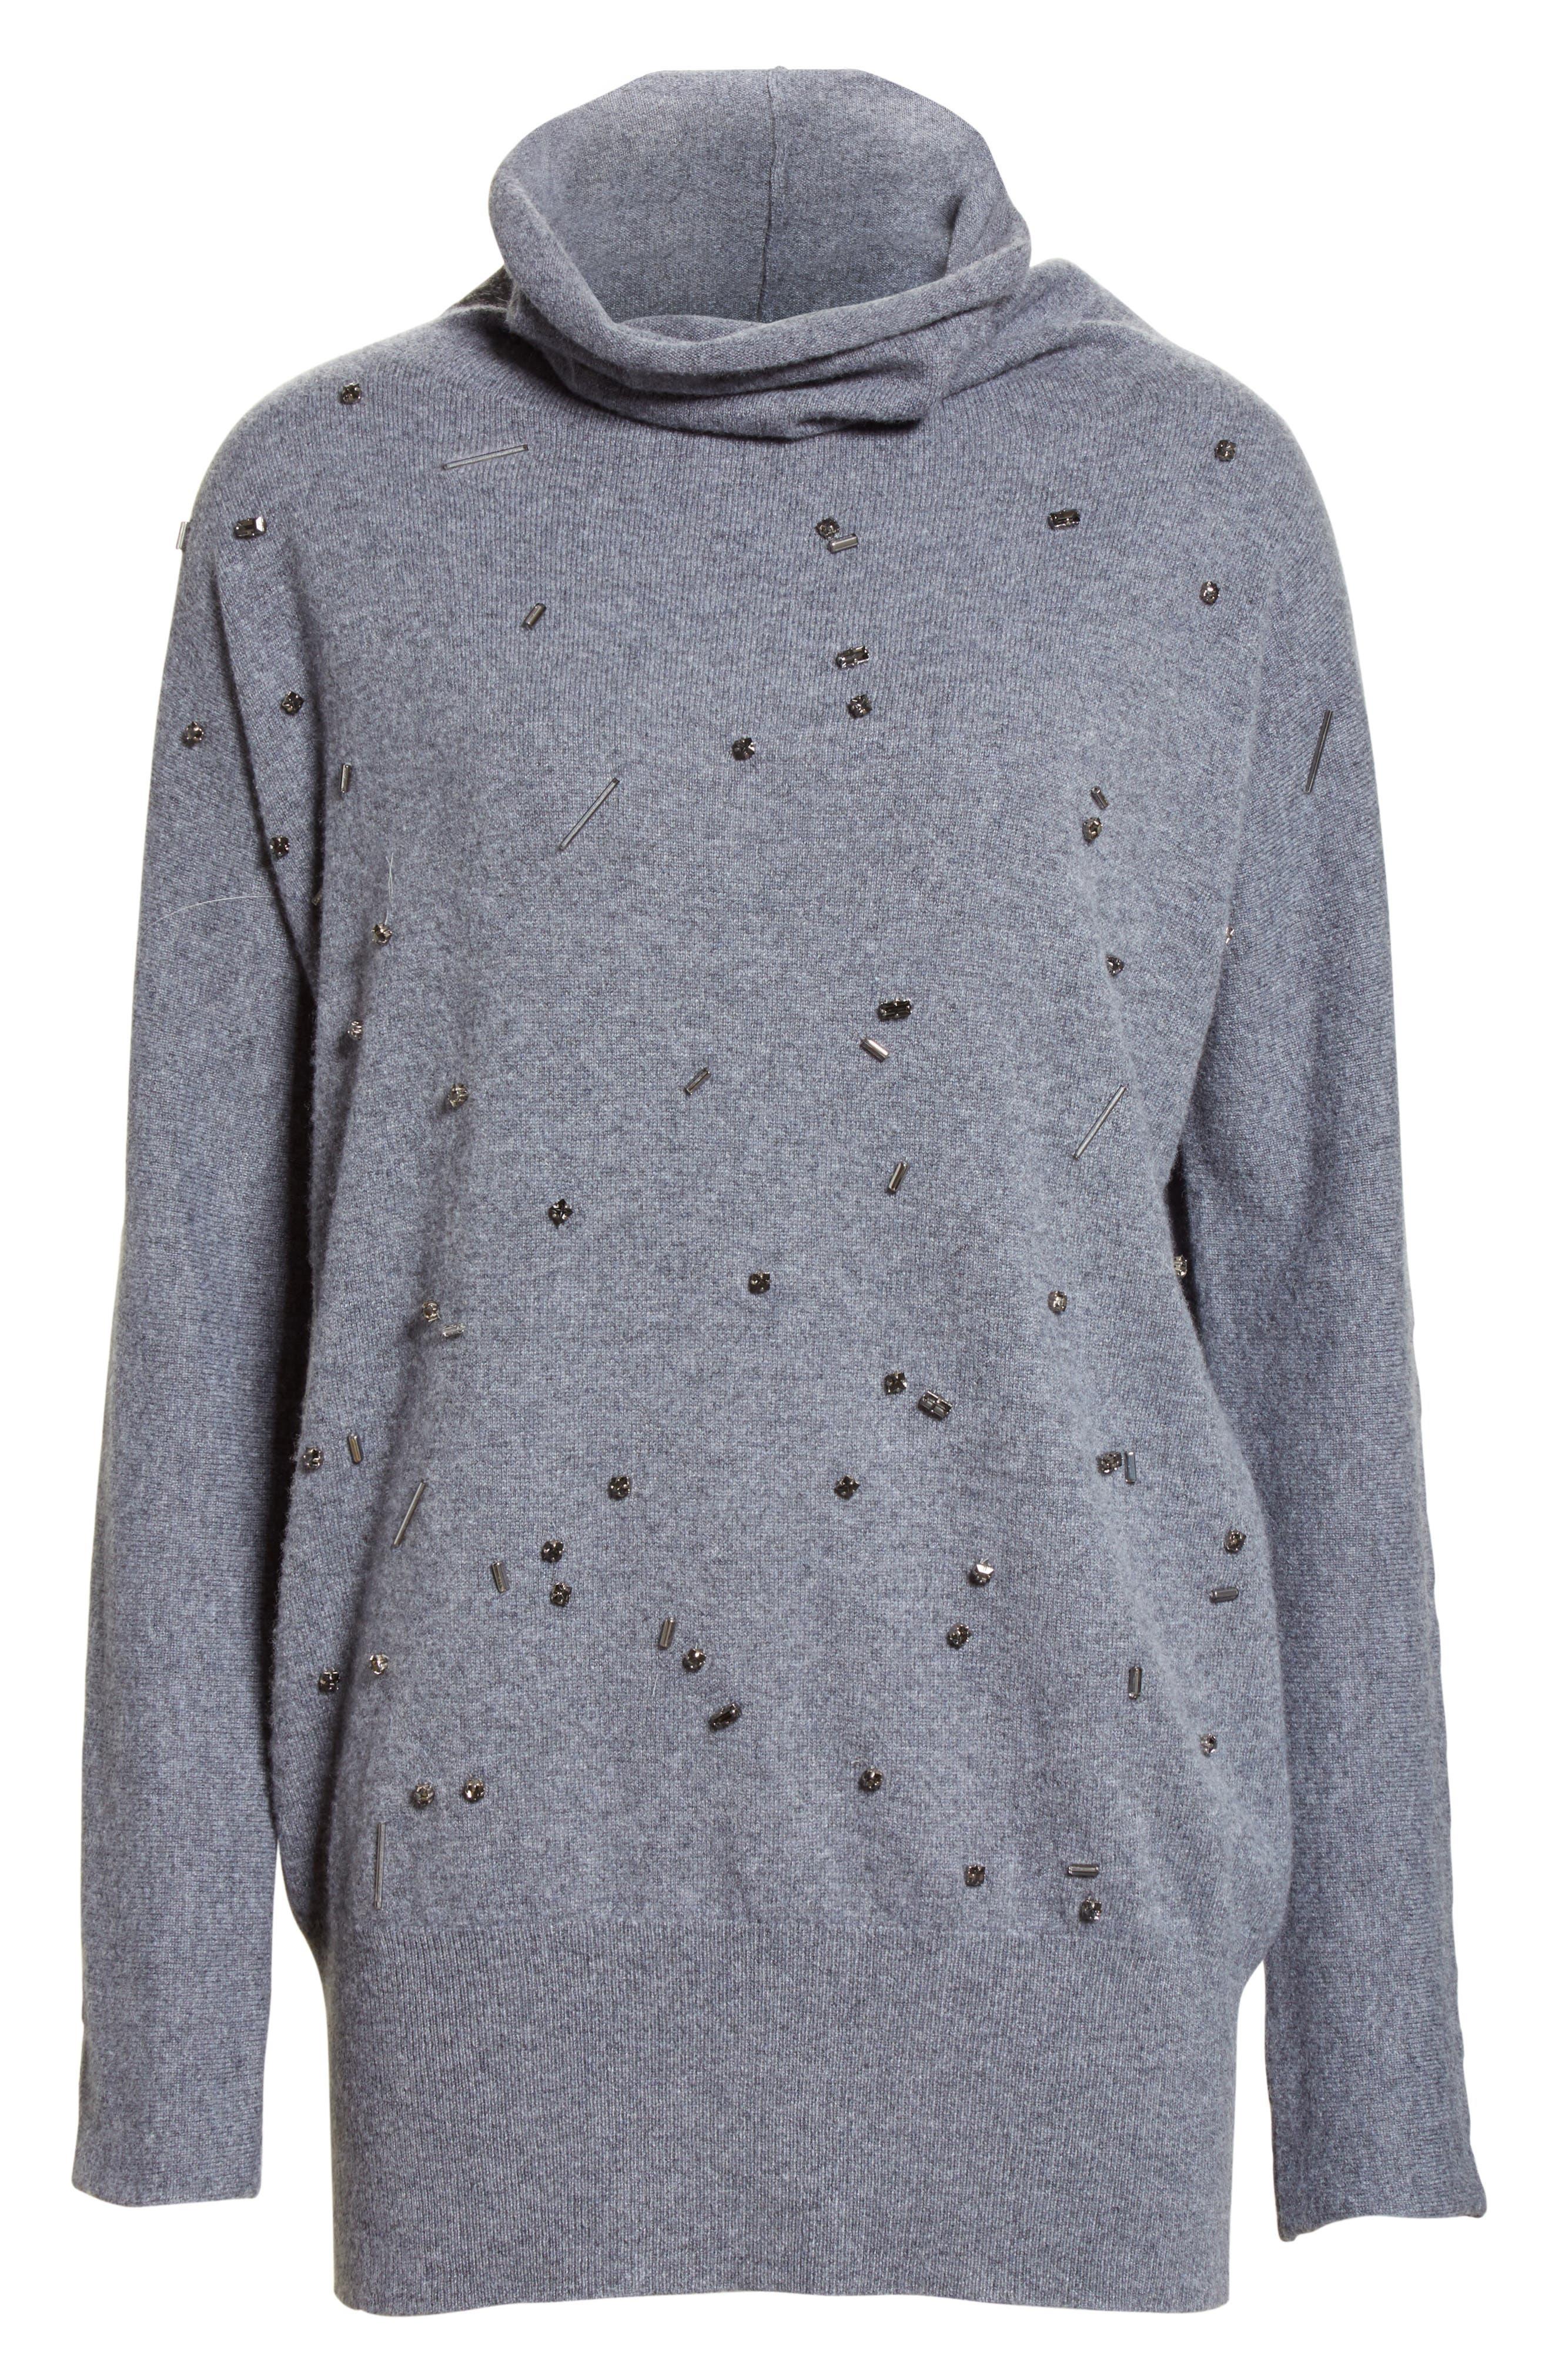 Embellished Cashmere Turtleneck Sweater,                             Alternate thumbnail 4, color,                             Grey